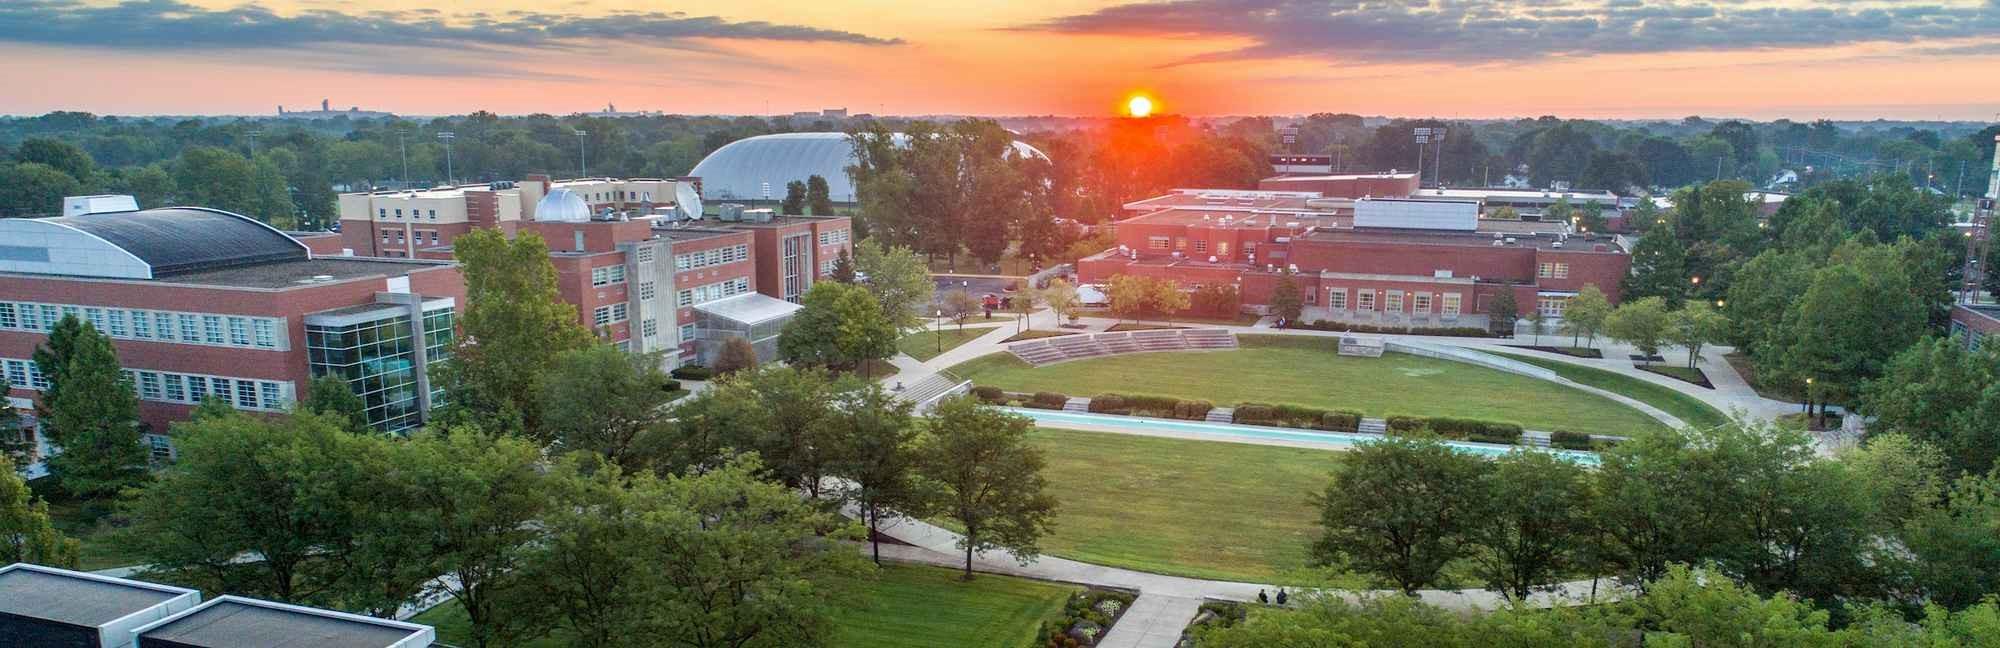 Imagen del campus de University of Indianapolis